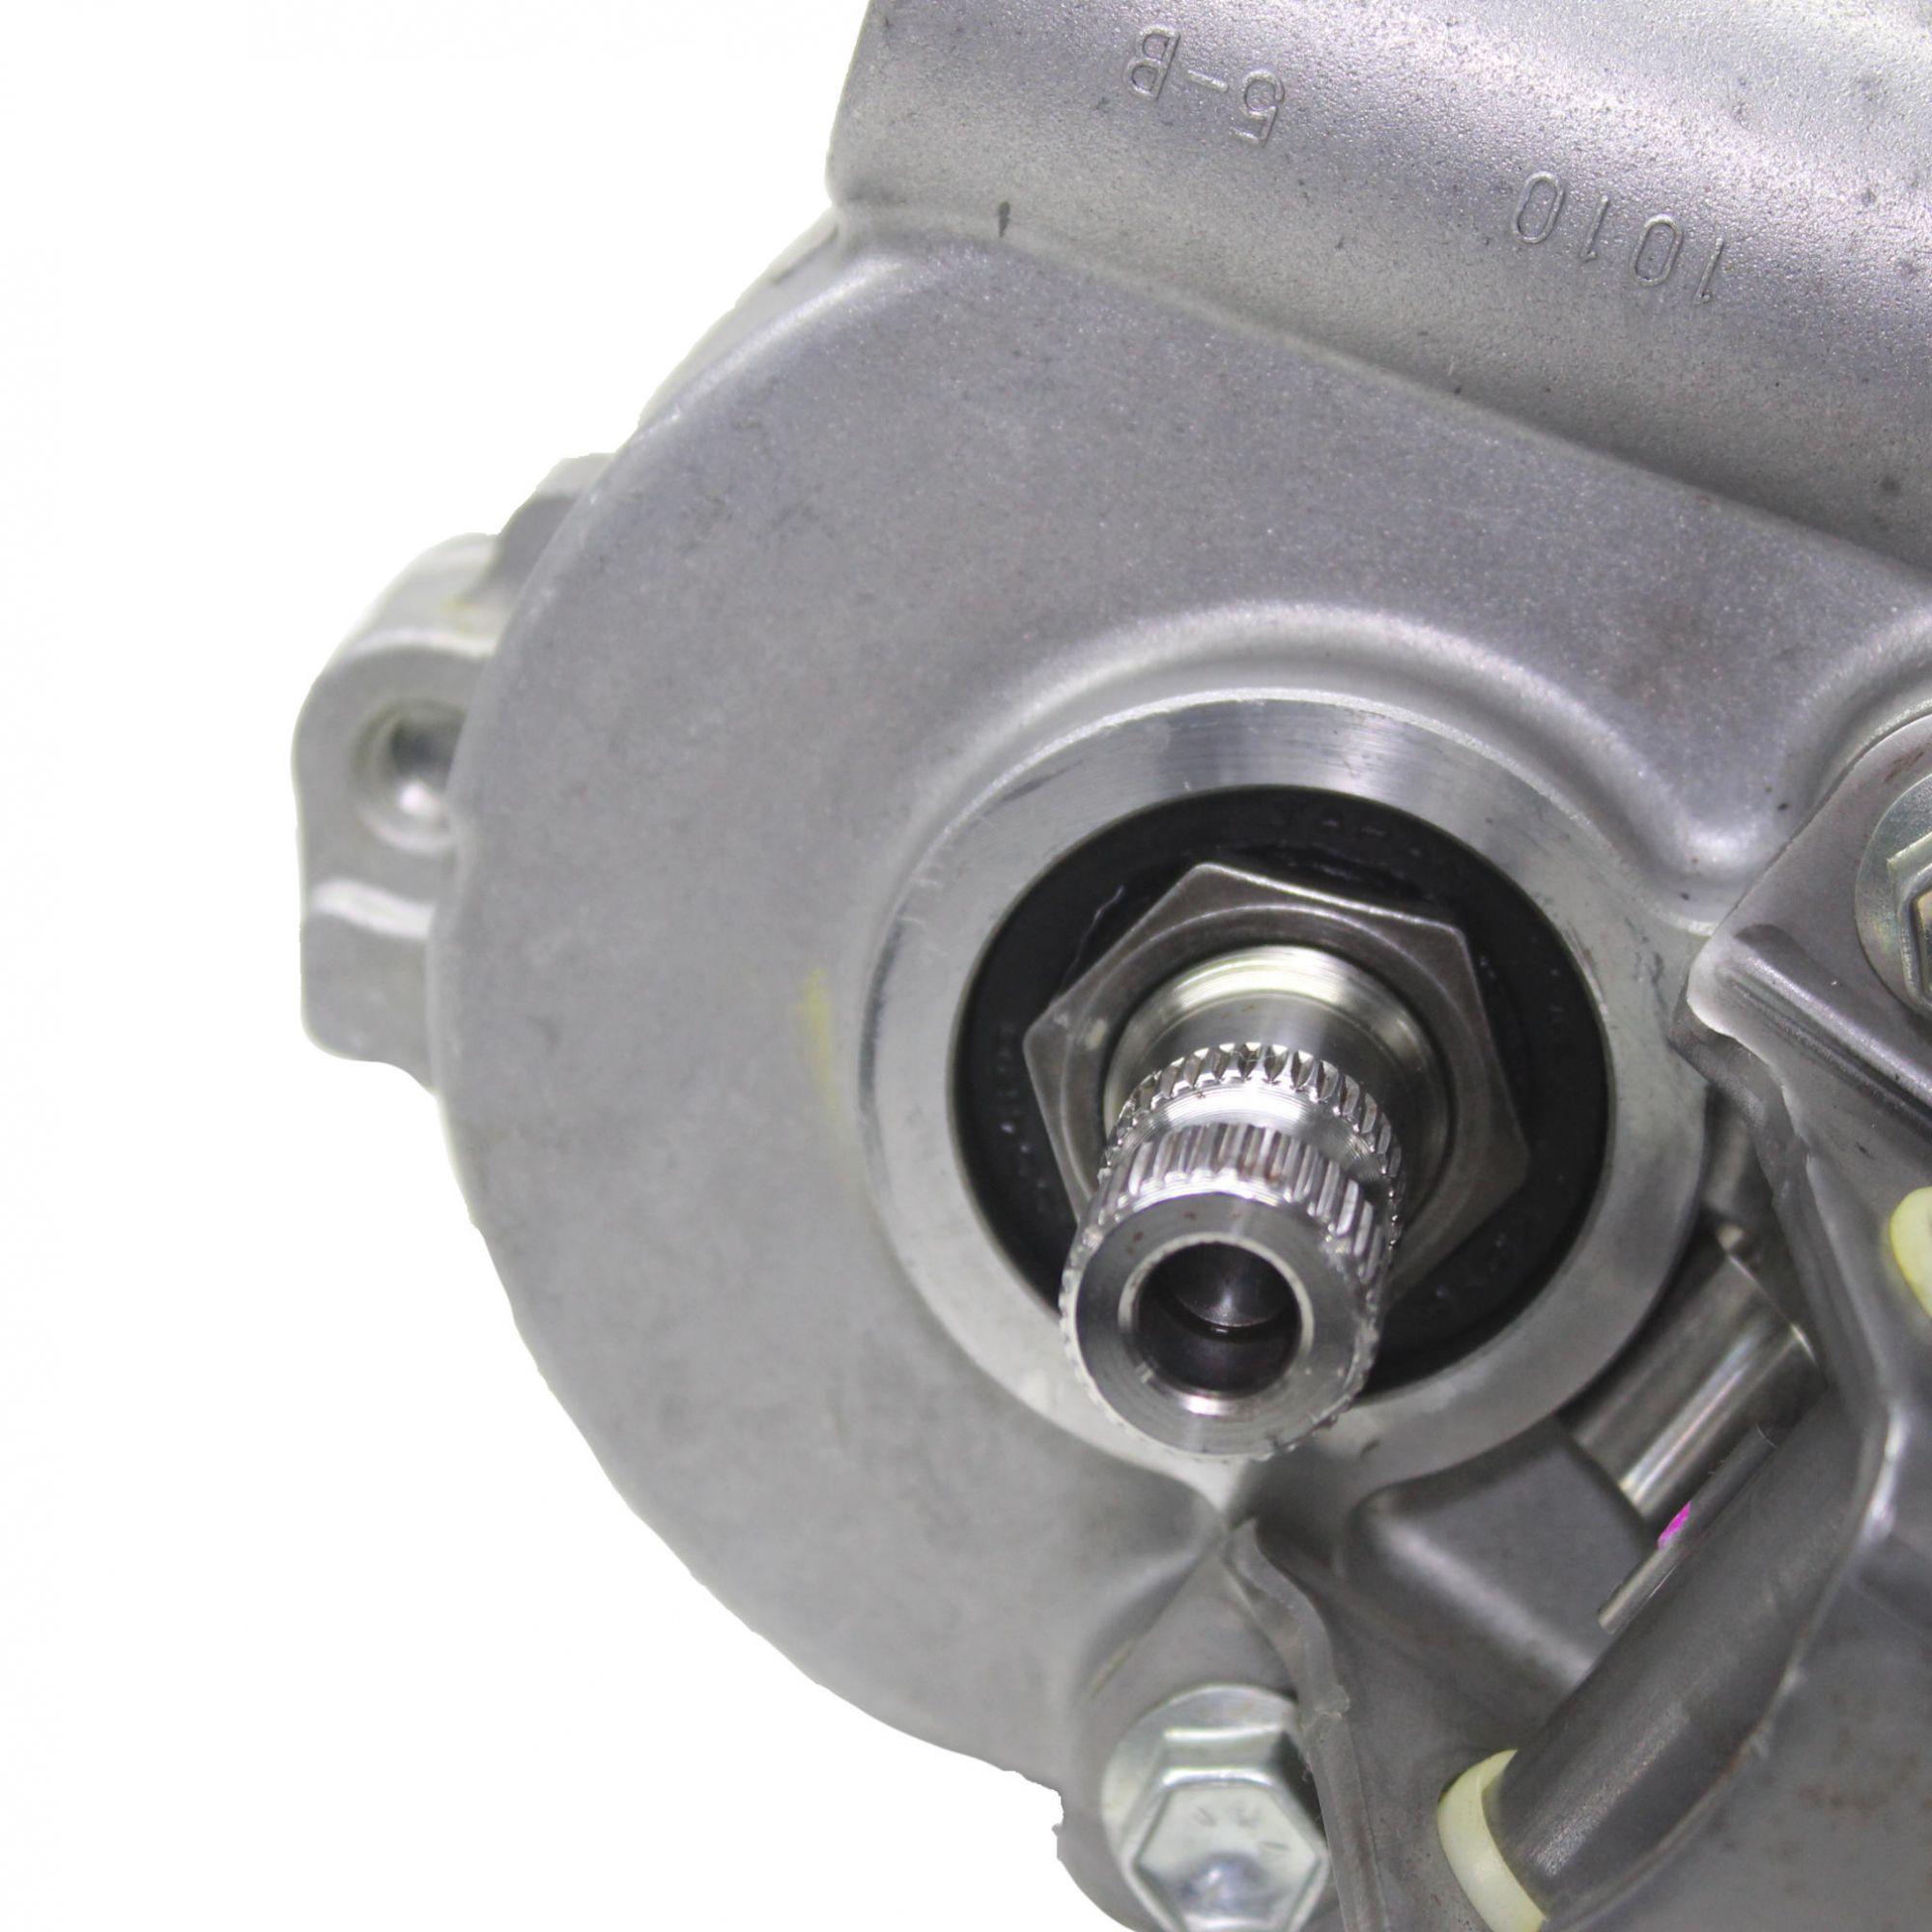 Motor Coluna Direção Elétrica Corolla 09...14 - Usado